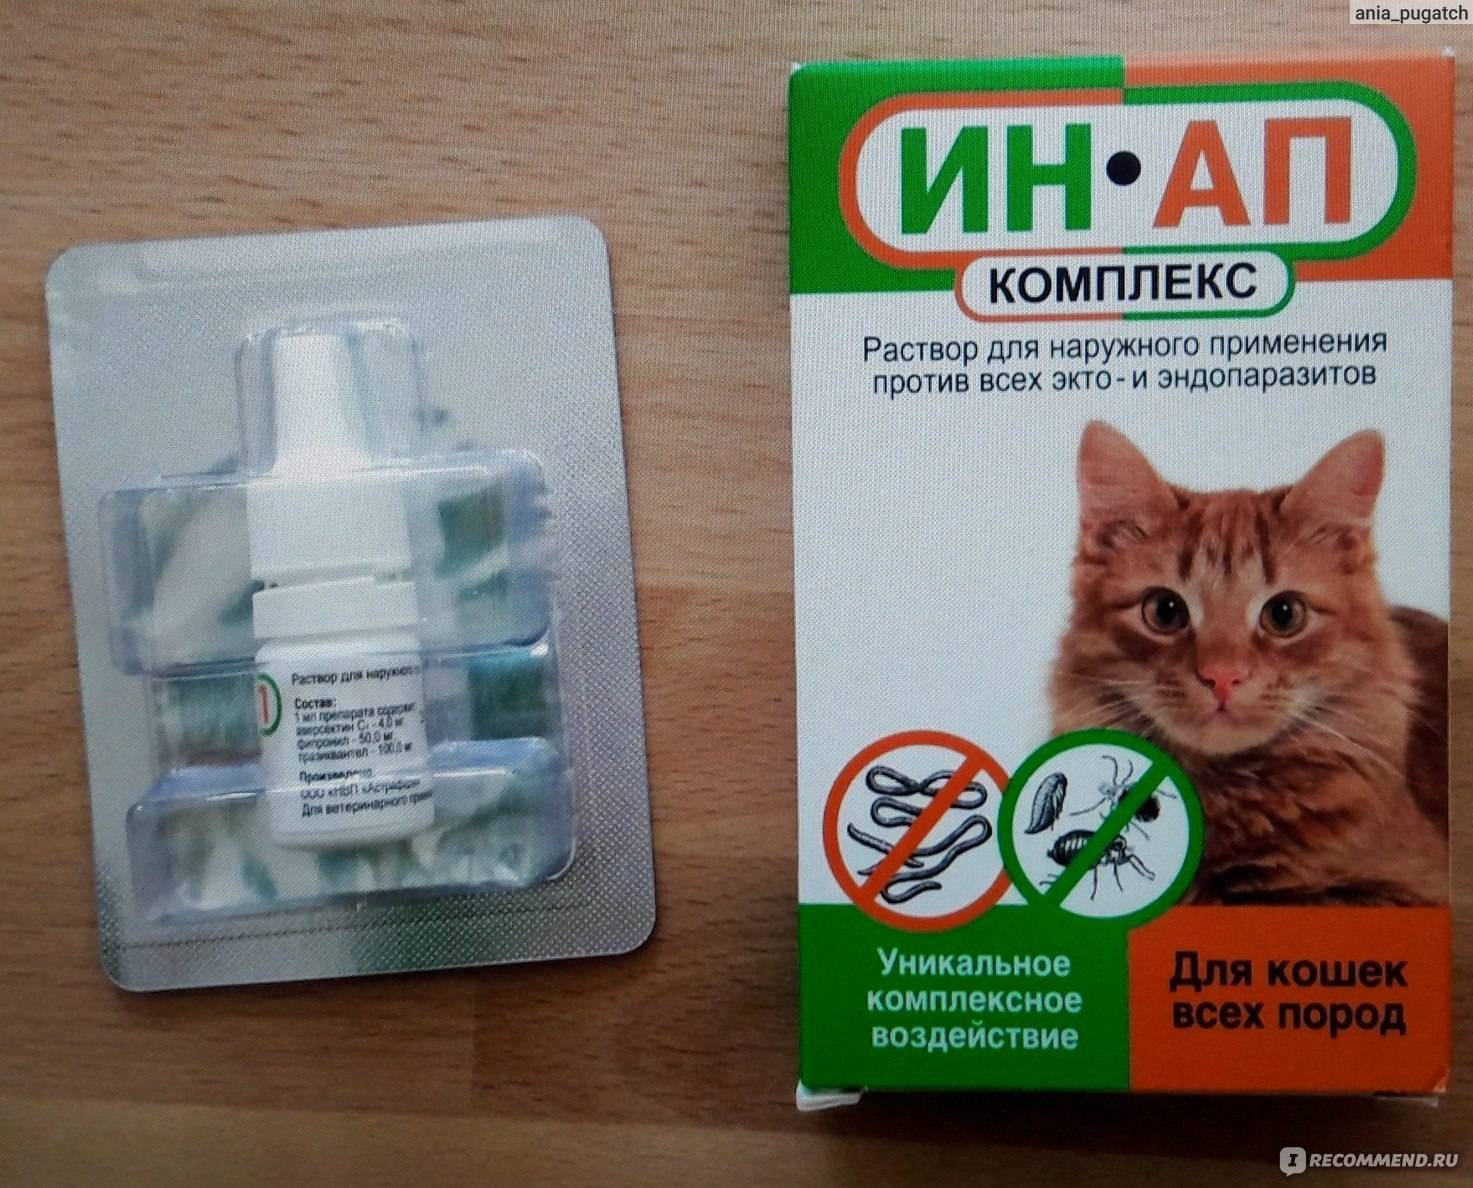 Средство от блох для кошек: эффективные таблетки, спреи, лучшие капли на холку